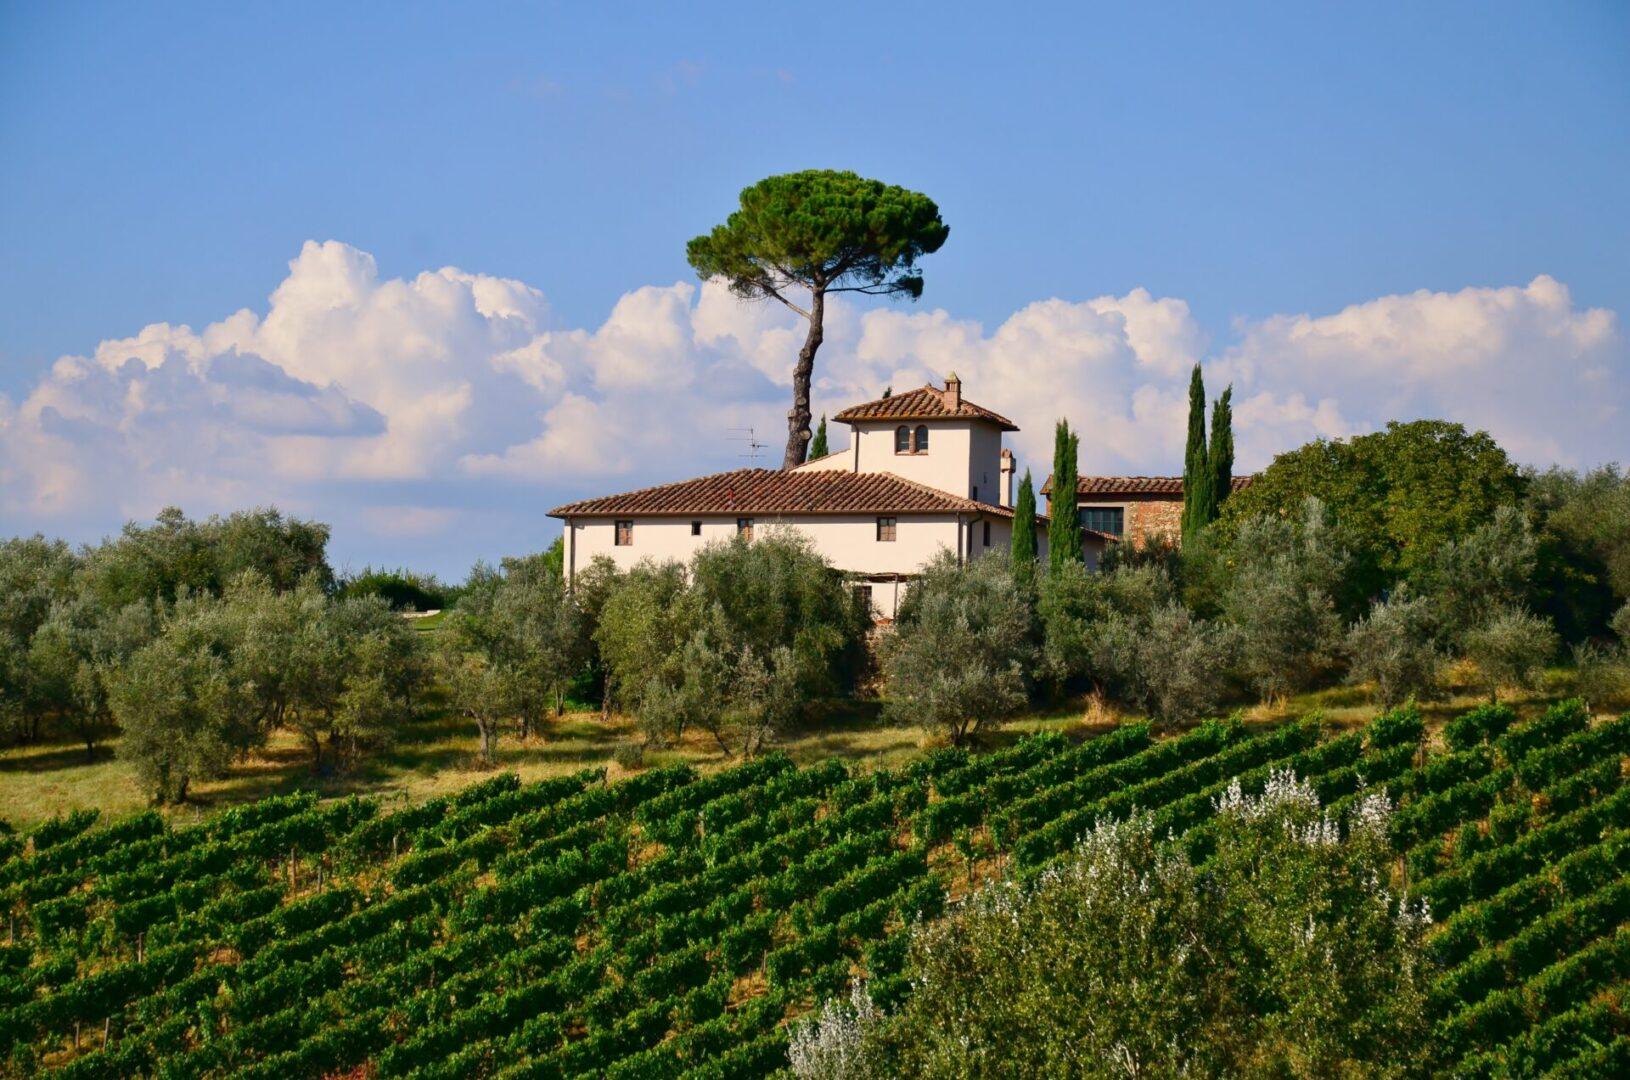 tuscany-851197